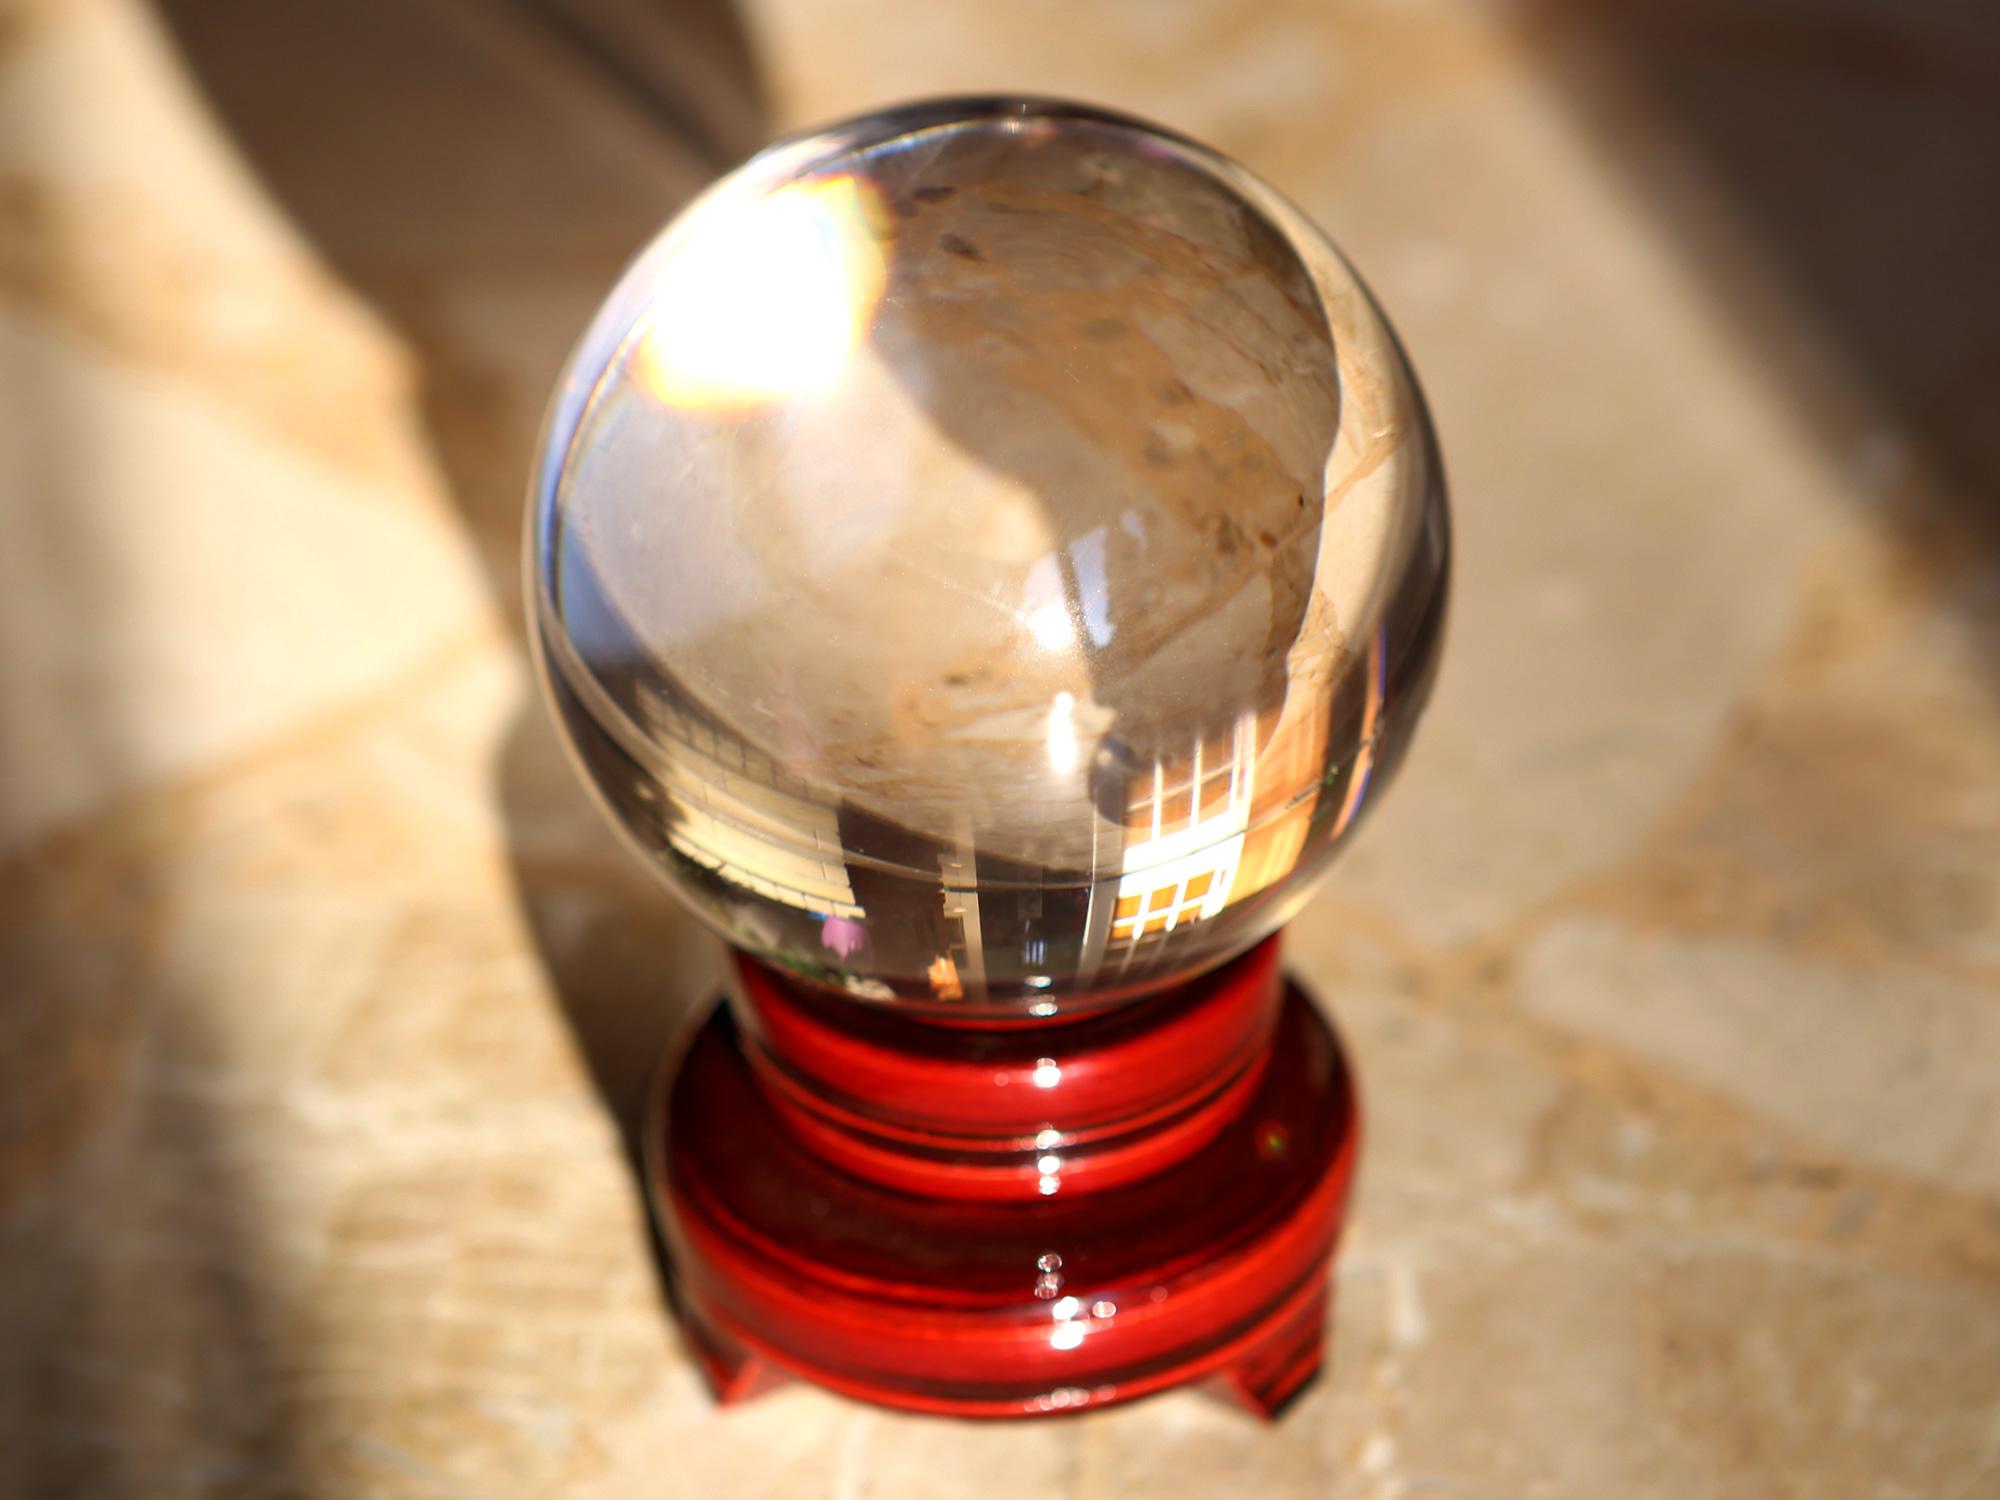 Boule de cristal voyance divination ésotérisme feng shui 10 cm DEB10